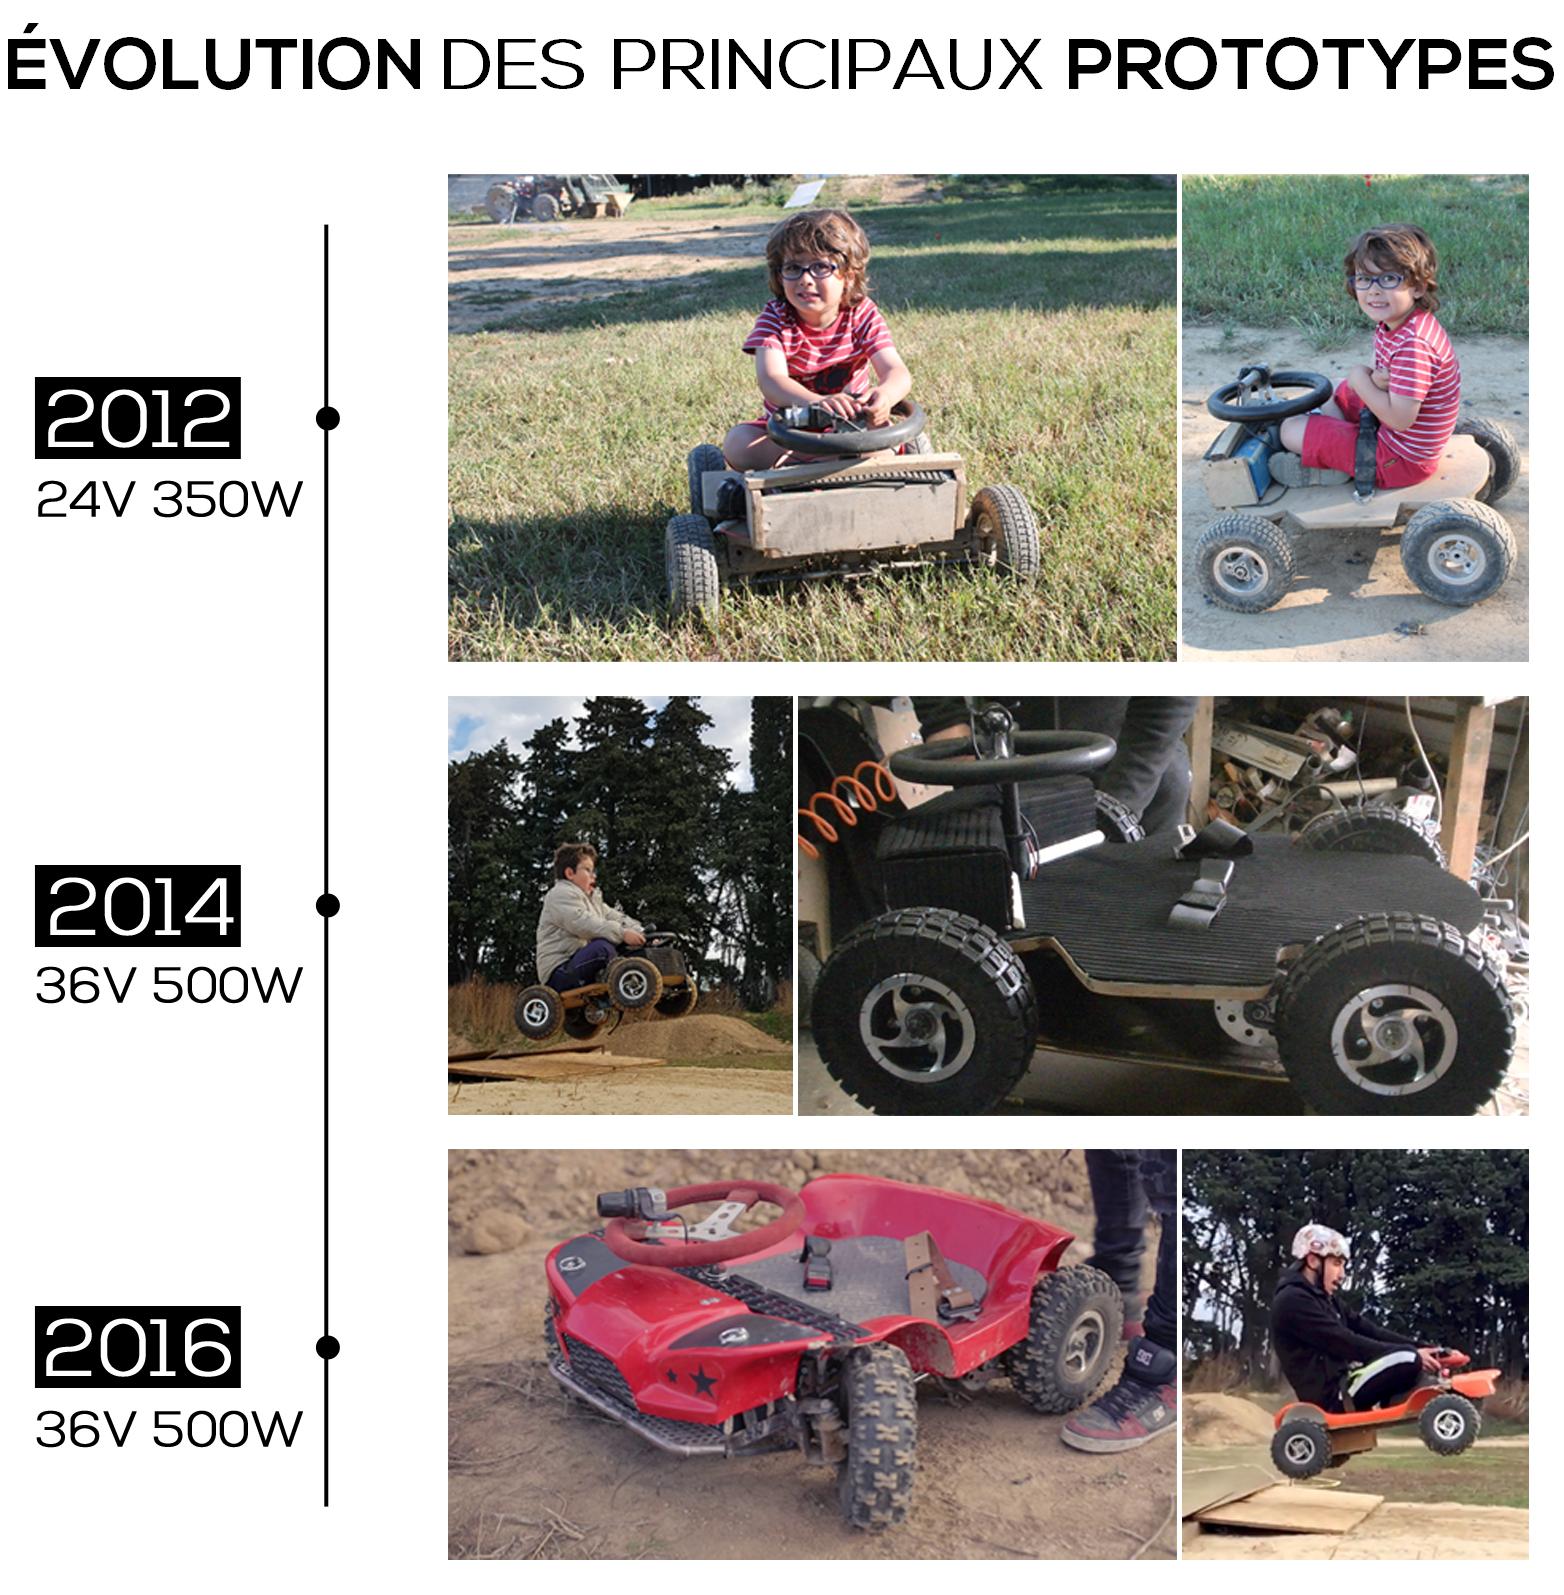 french-kart-tailleurs-tout-terrain-kart-electrique-evolution-des-prototypes